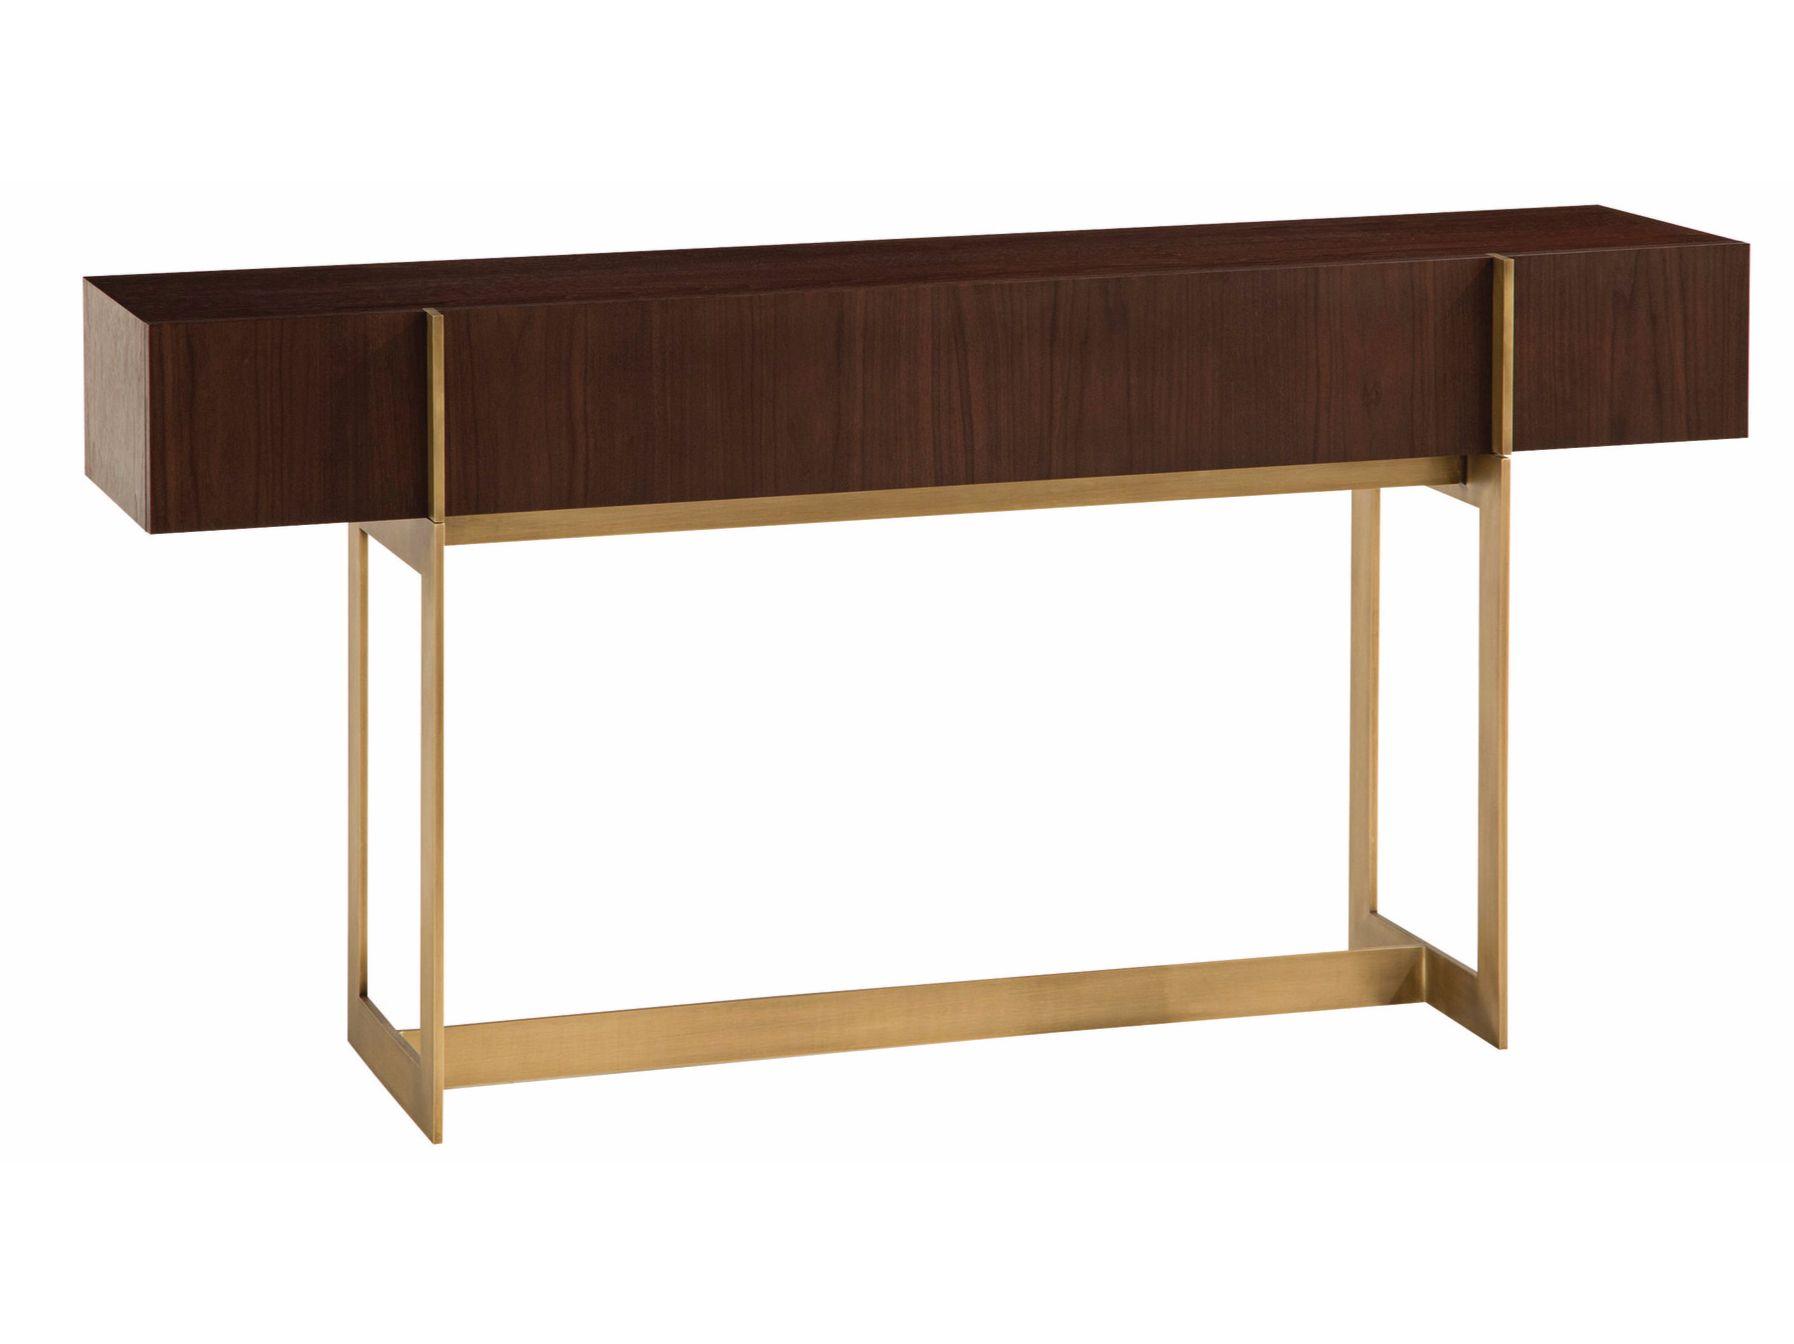 console-table-roche-bobois-263115-relc74d8815 Unique De Table Basse Roche Bobois Occasion Des Idées